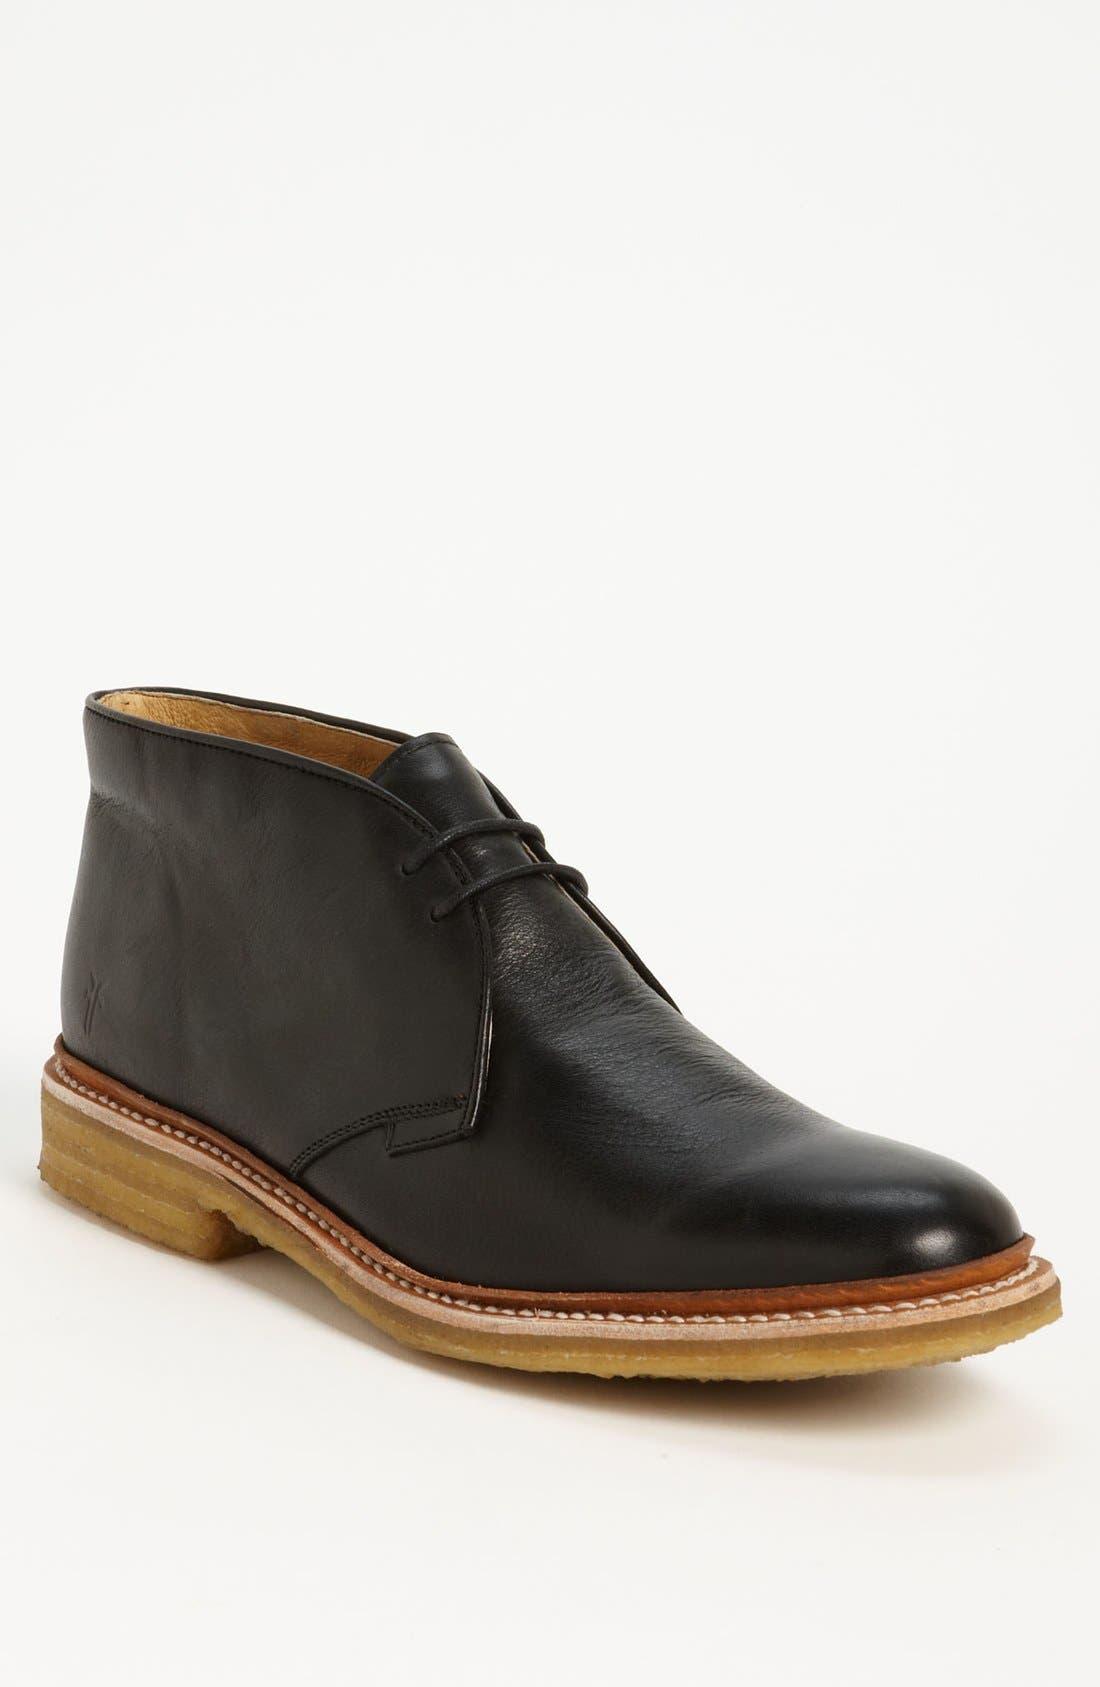 FRYE 'James' Chukka Boot, Main, color, 001